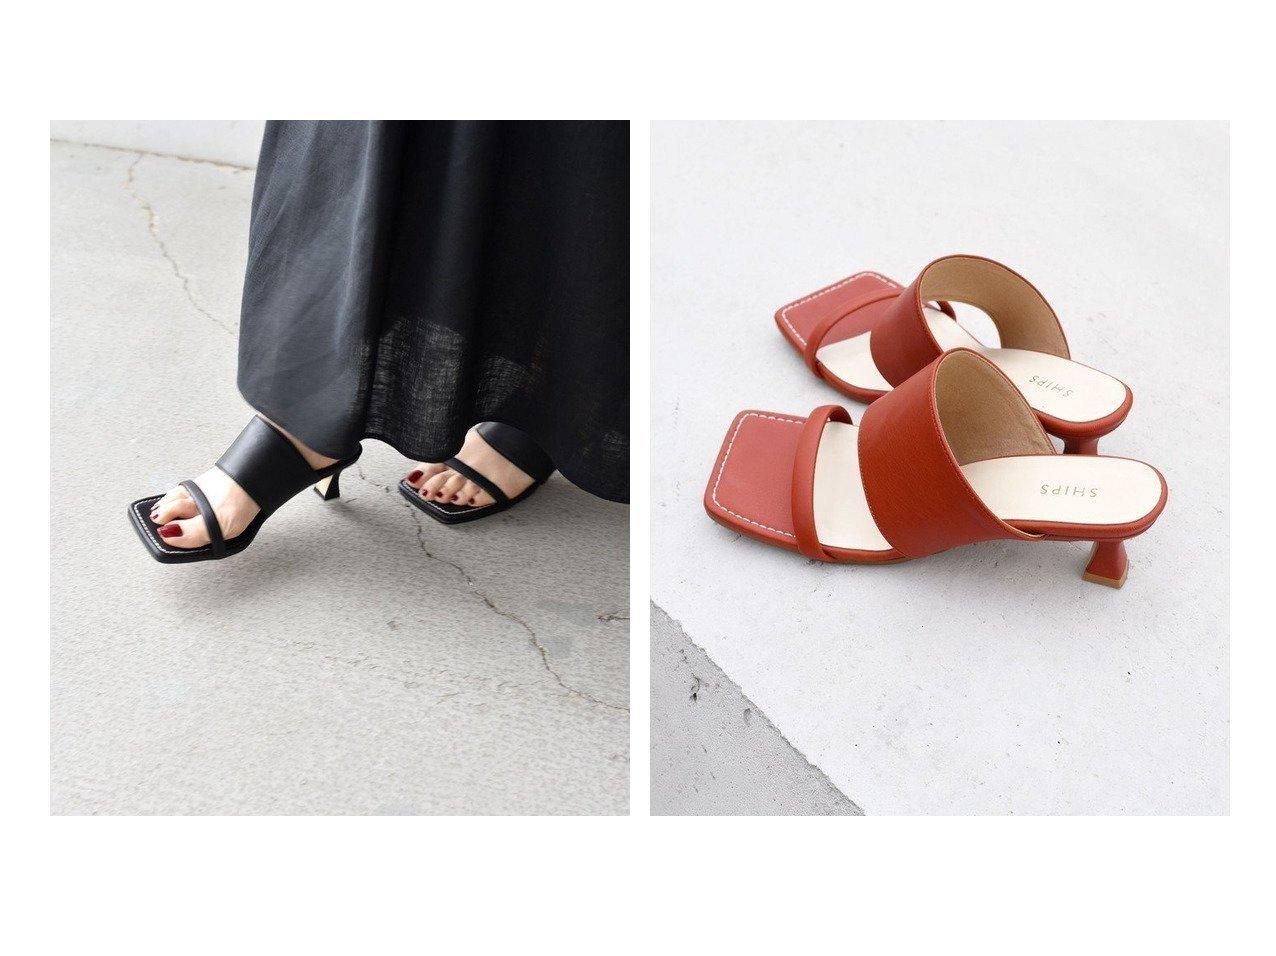 【SHIPS/シップス フォー ウィメン】のスクエアヒールサンダル 【シューズ・靴】おすすめ!人気、トレンド・レディースファッションの通販 おすすめで人気の流行・トレンド、ファッションの通販商品 インテリア・家具・メンズファッション・キッズファッション・レディースファッション・服の通販 founy(ファニー) https://founy.com/ ファッション Fashion レディースファッション WOMEN インソール クッション サンダル シューズ トレンド マキシ ラップ 再入荷 Restock/Back in Stock/Re Arrival  ID:crp329100000052534